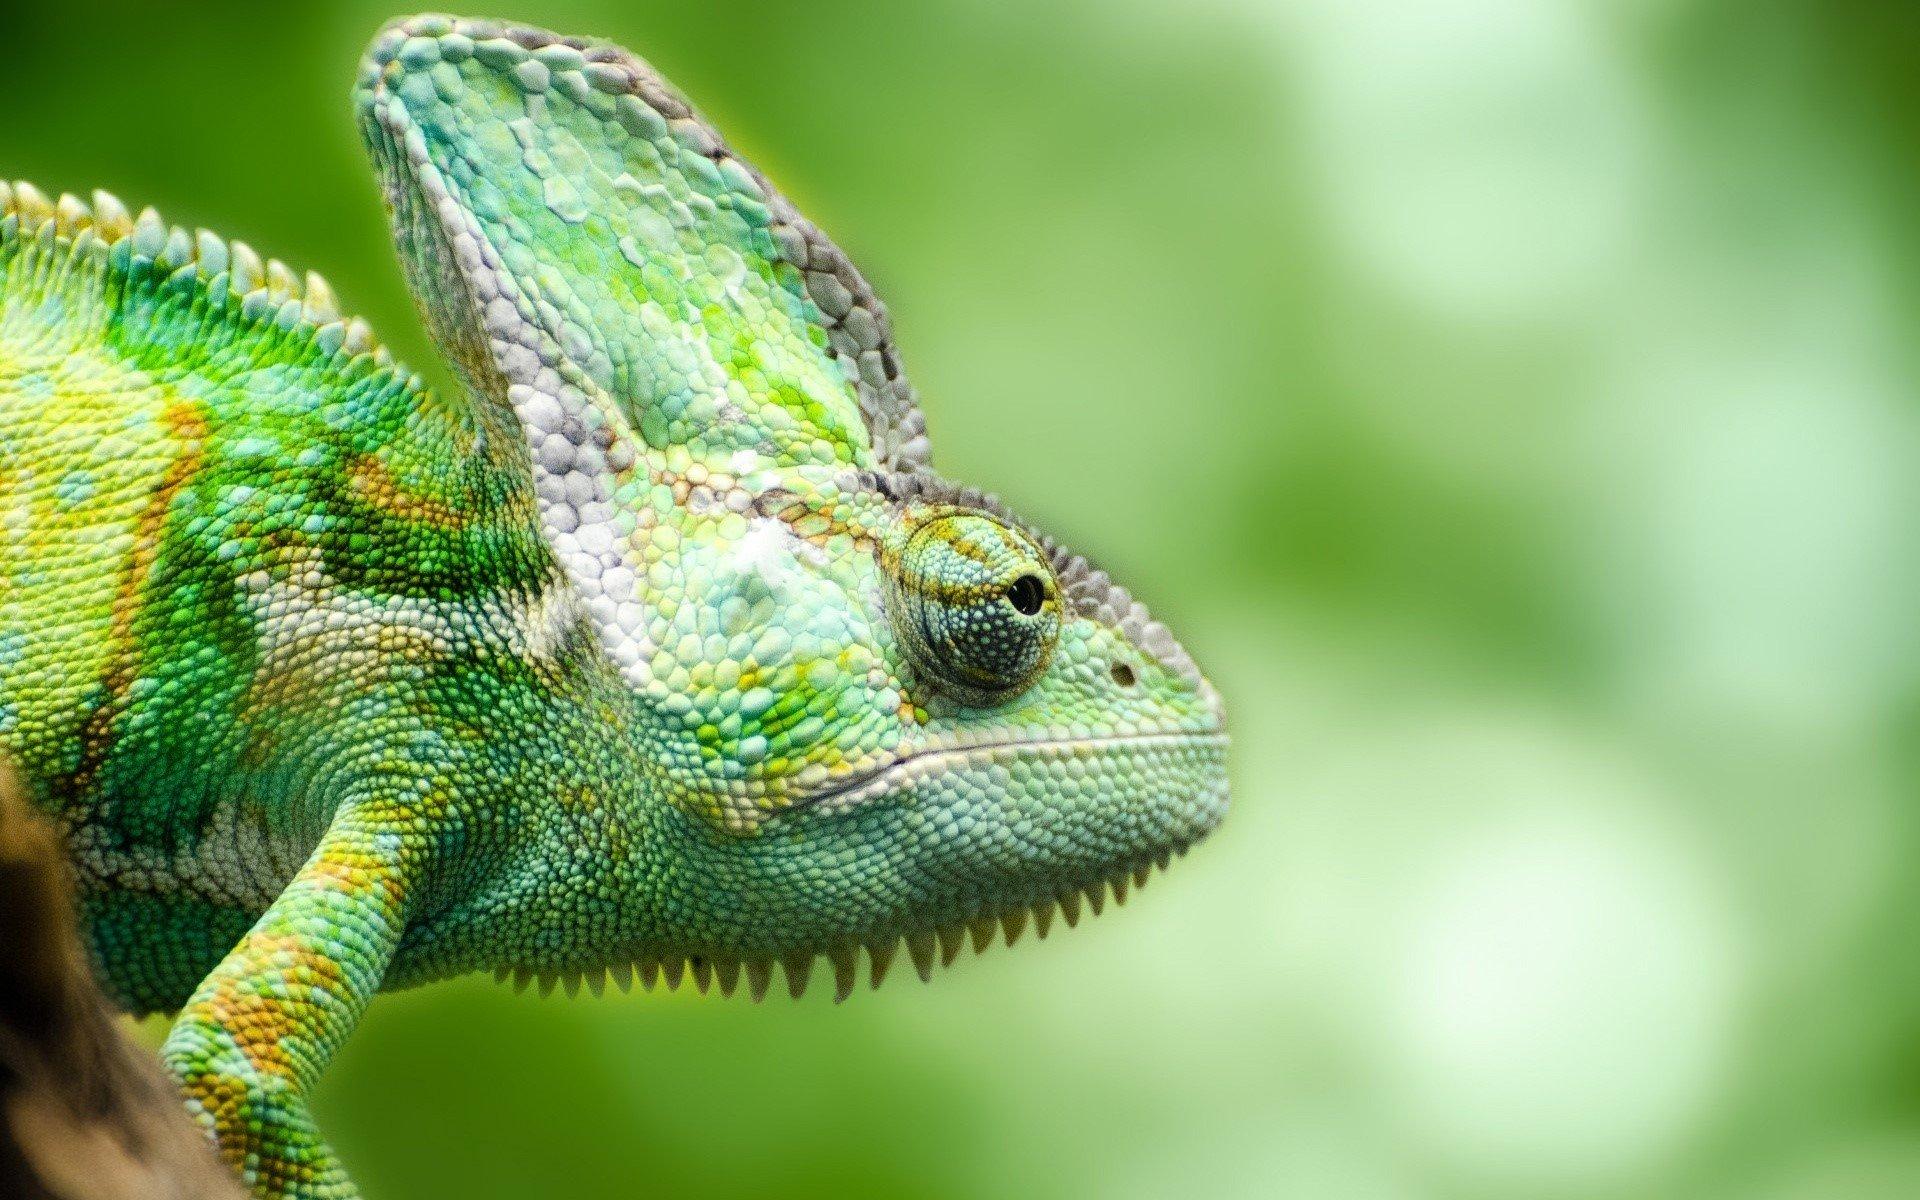 Fondo de pantalla de Un camaleón en el bosque Imágenes